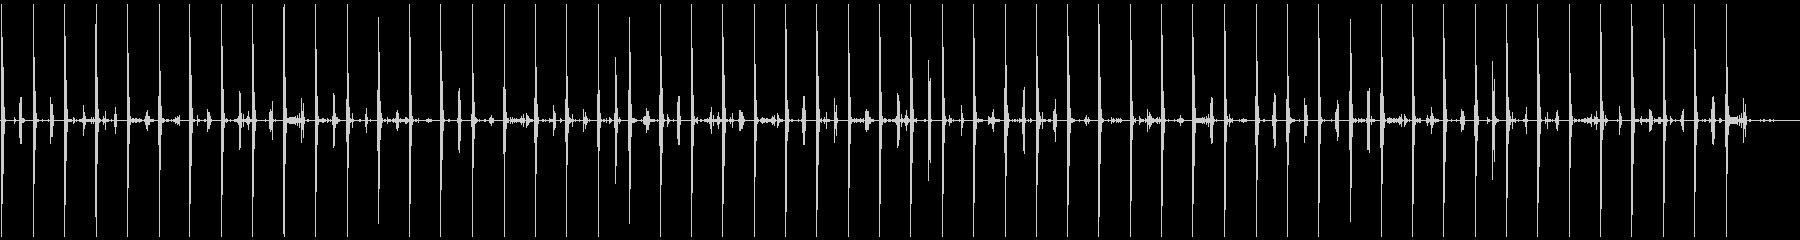 ブーツで板張りのフローリングなどを走る音の未再生の波形